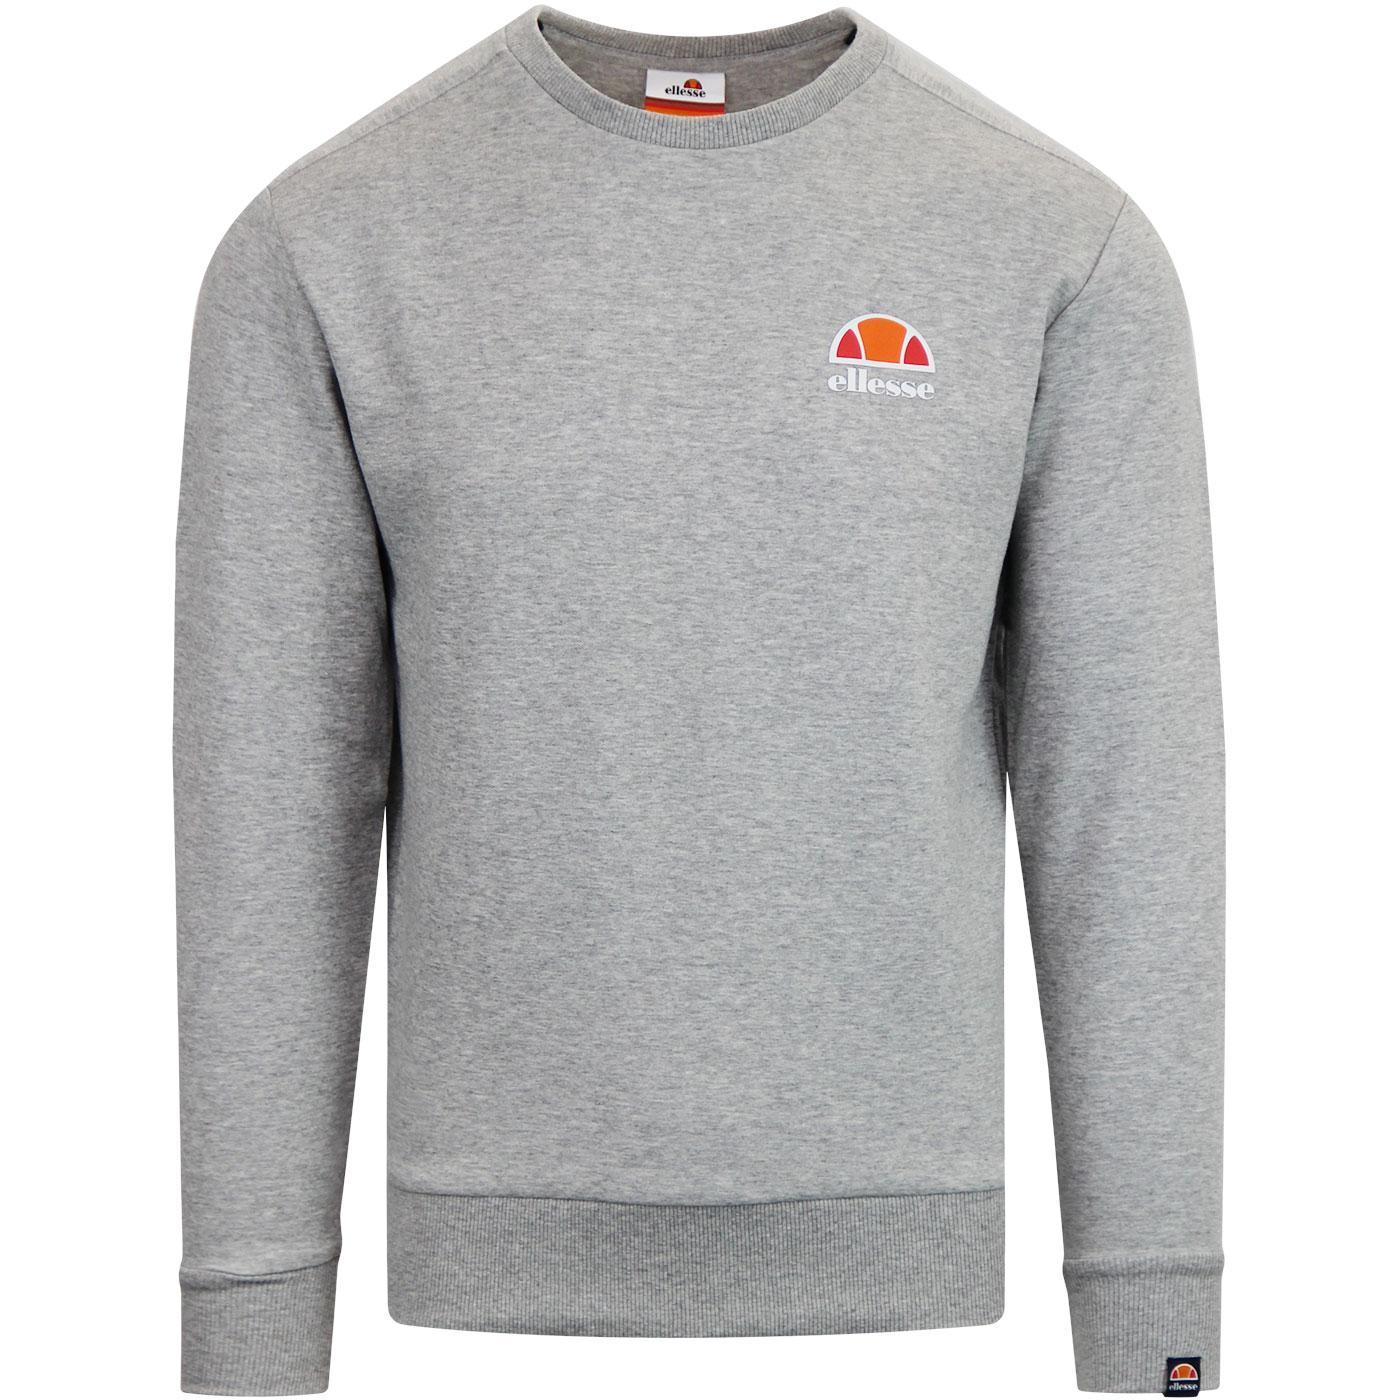 Anguilla ELLESSE Retro Indie Sports Sweatshirt GM